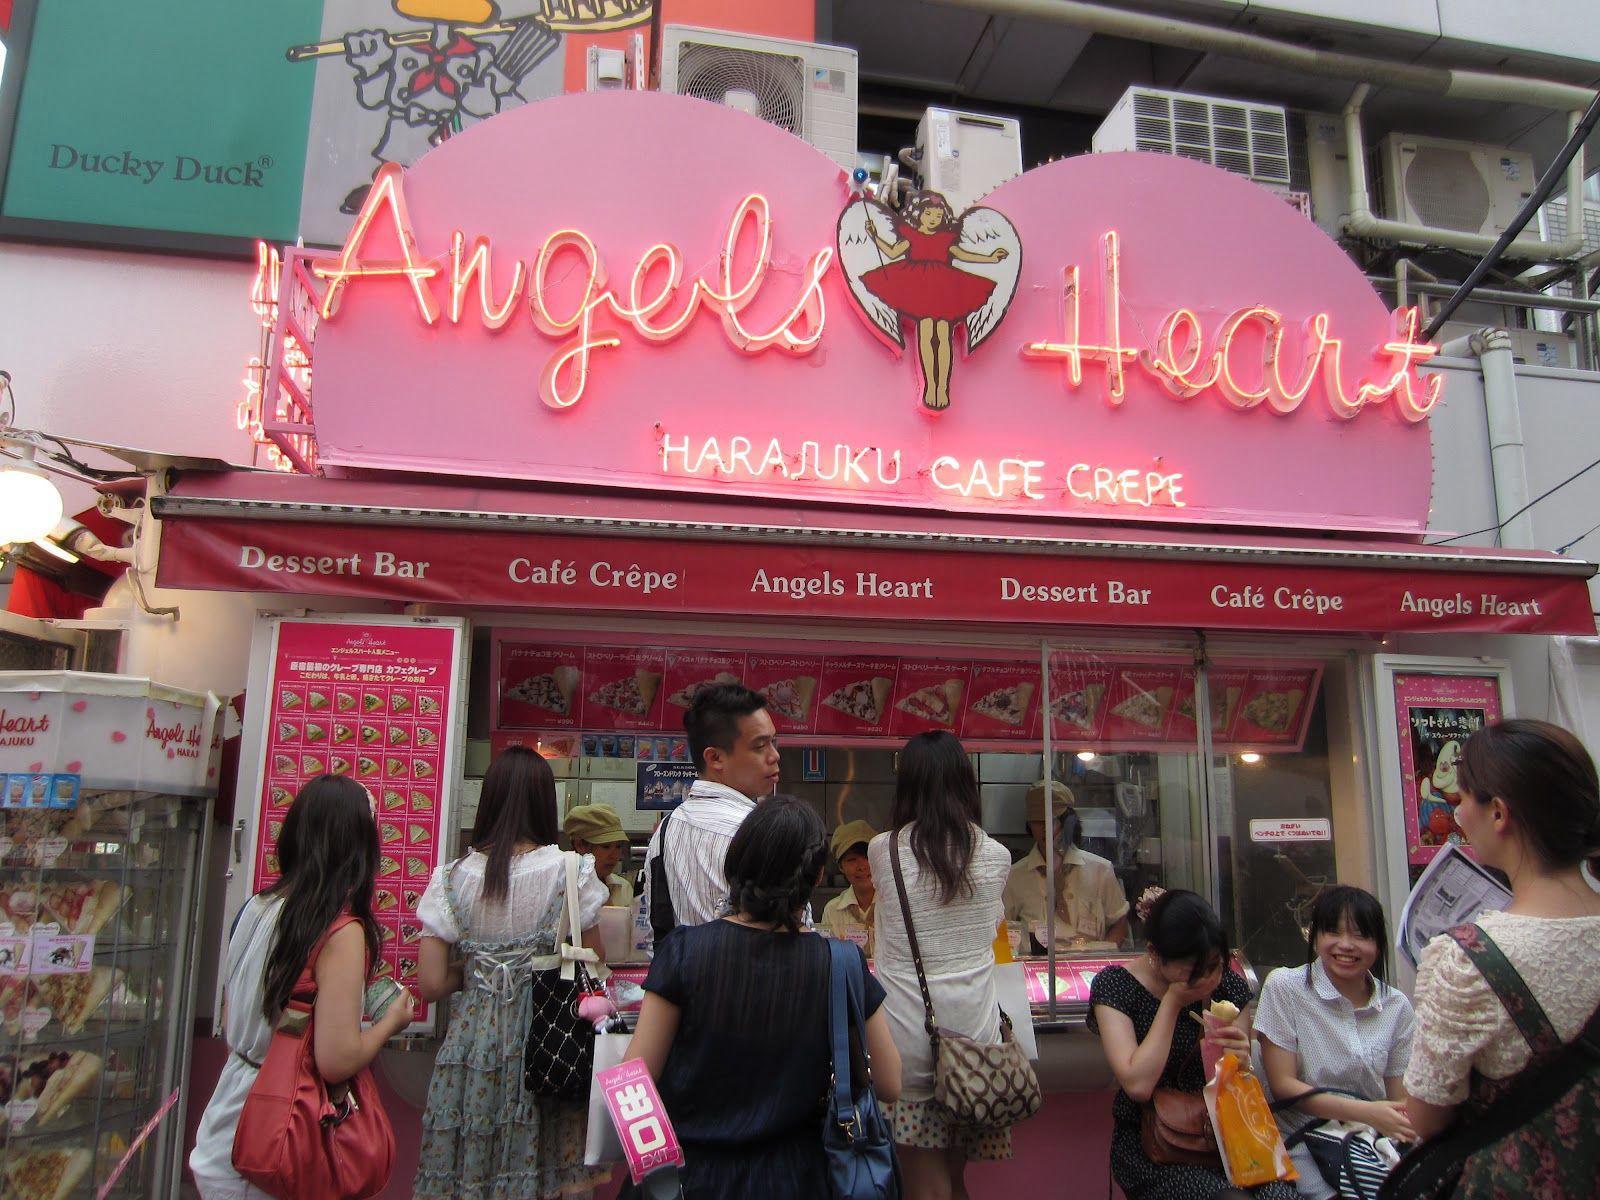 Resultado de imagen para Angels Heart harajuku